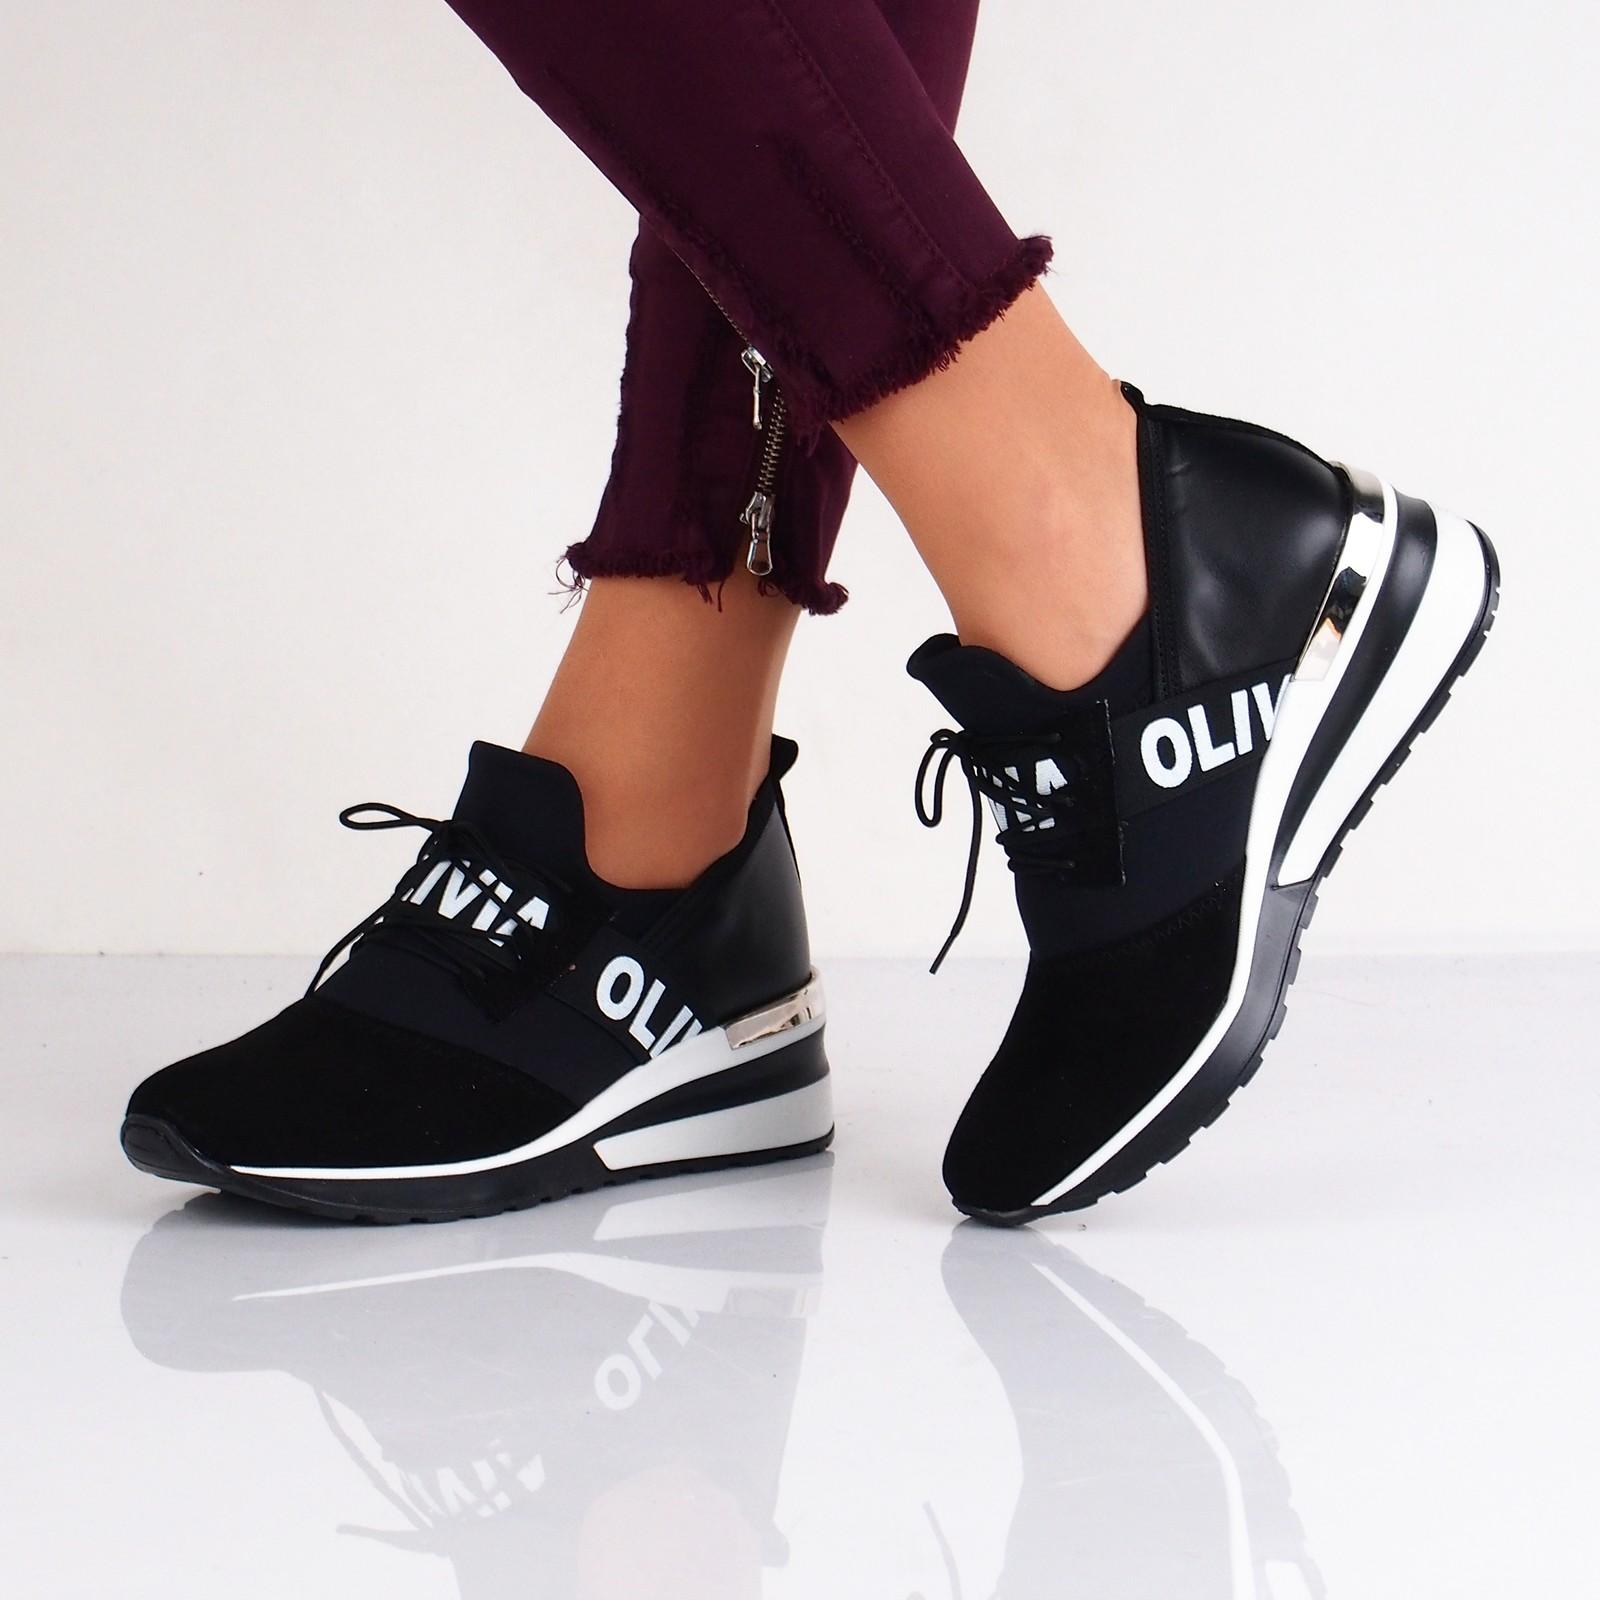 f2ea8ff28c08 Olivia shoes dámske kožené tenisky na klinovej podrážke - čierne ...